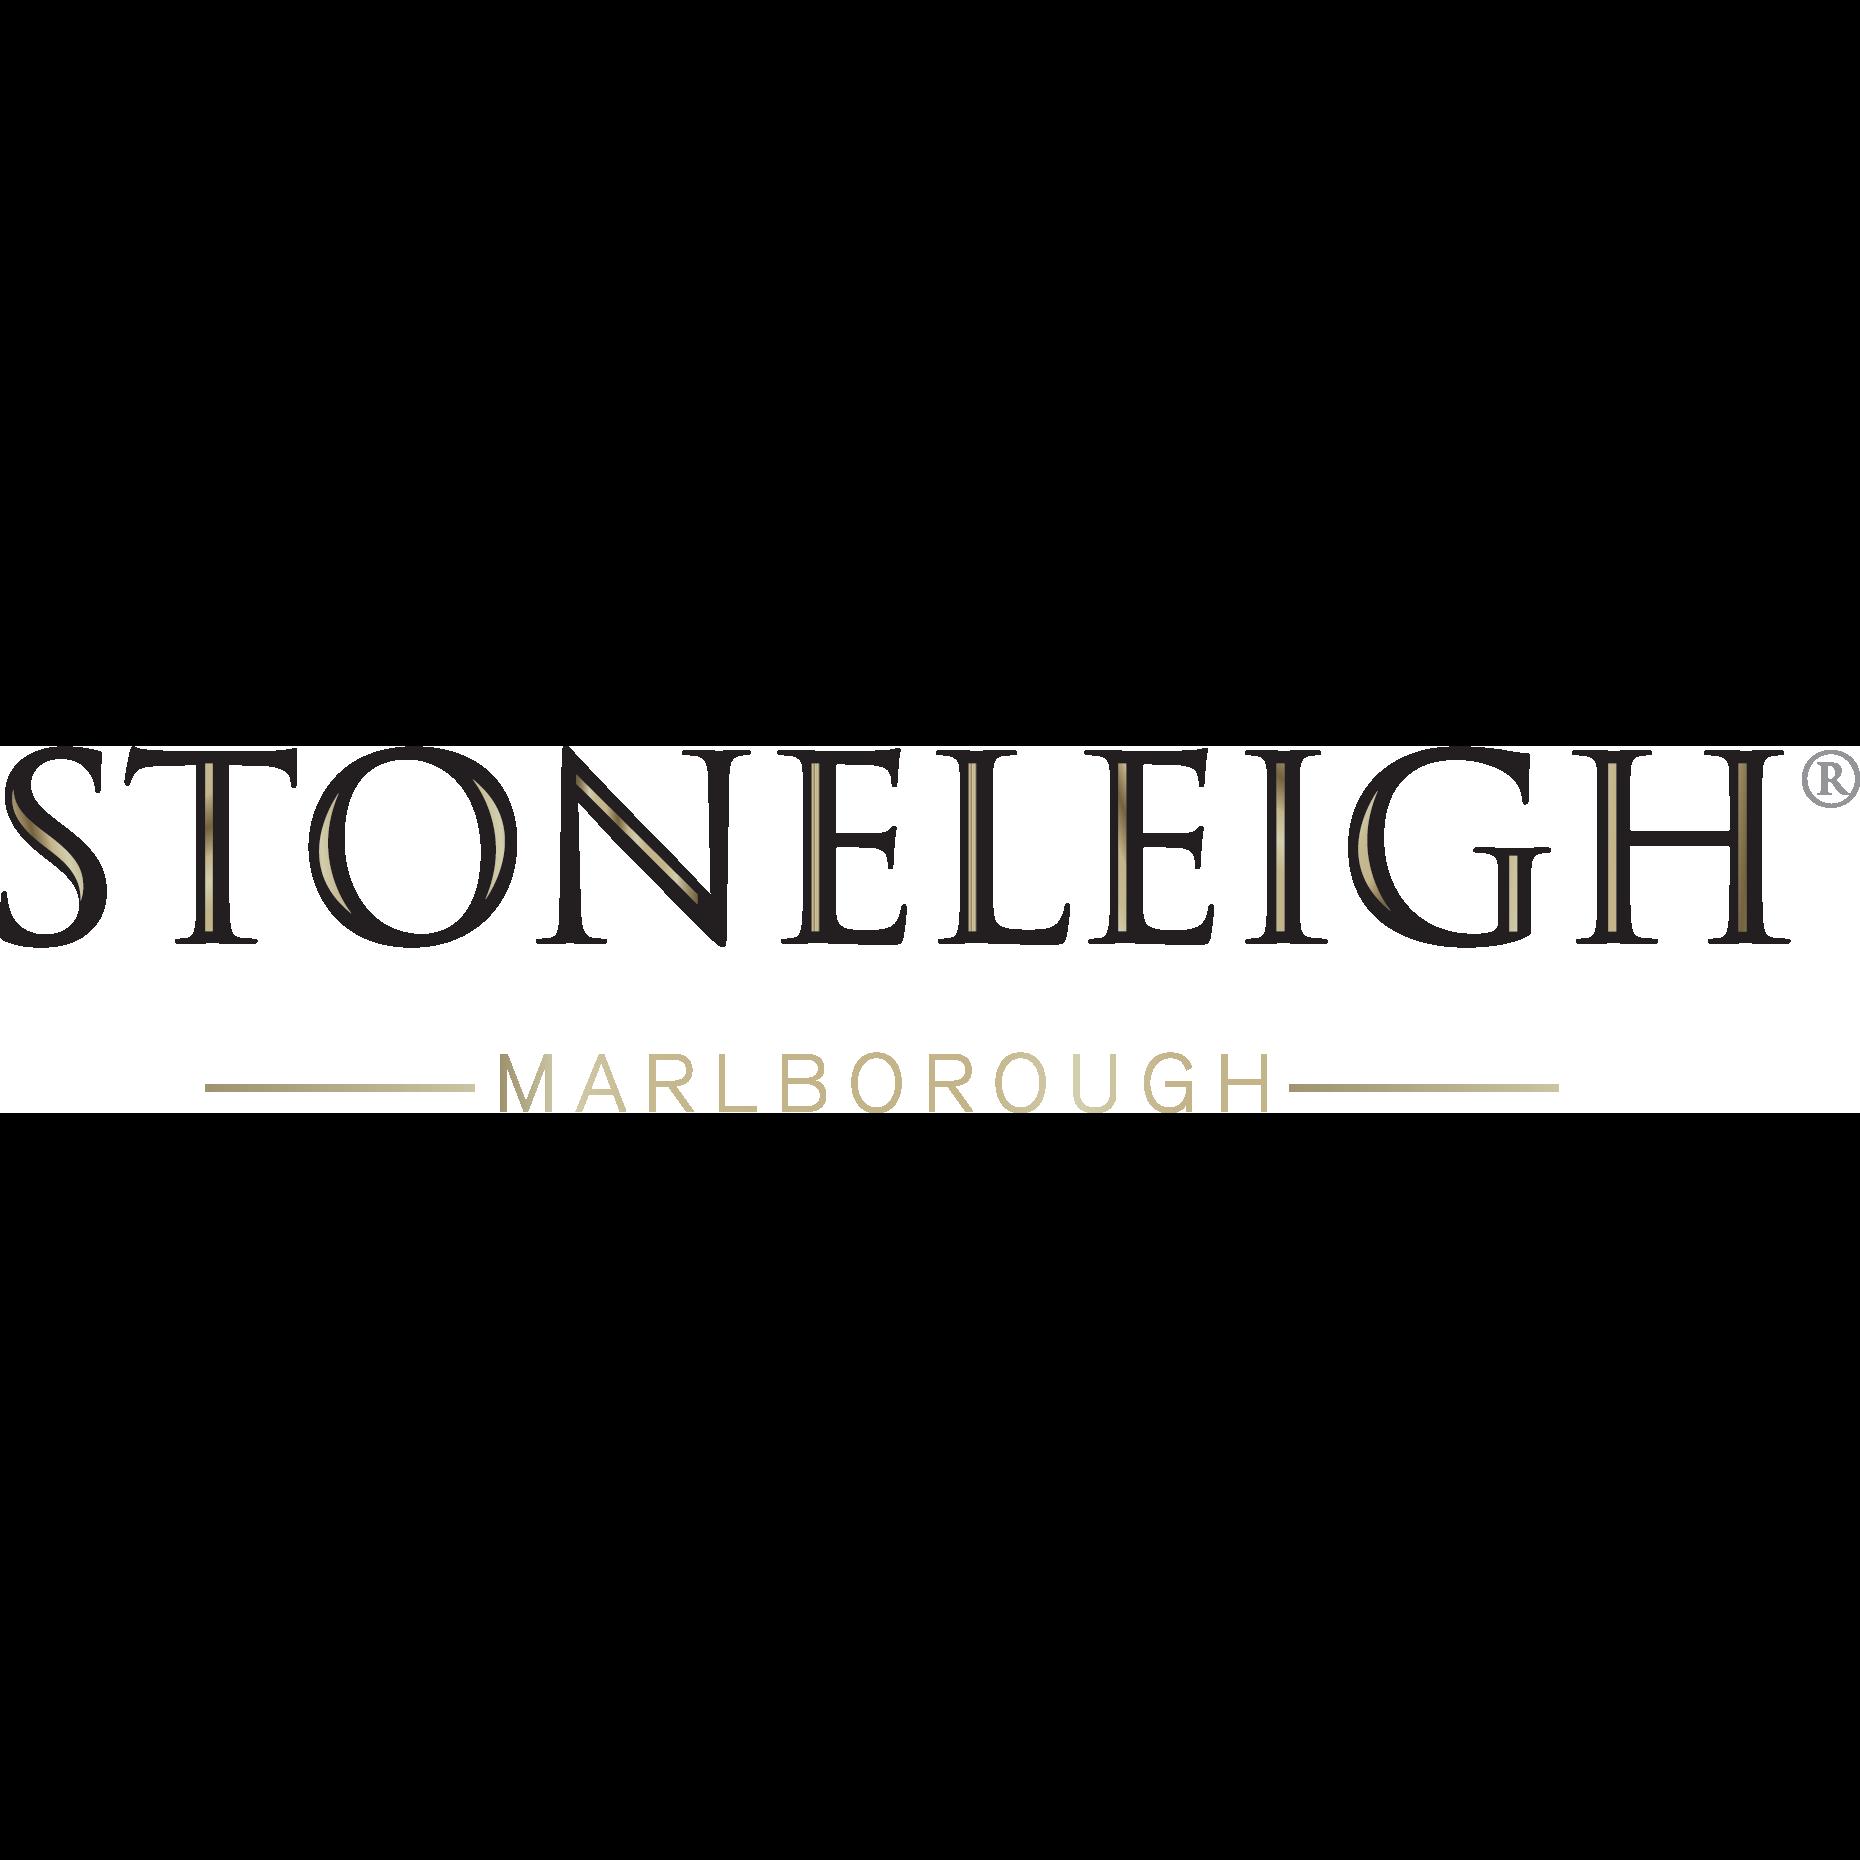 Stoneleigh Portfolio